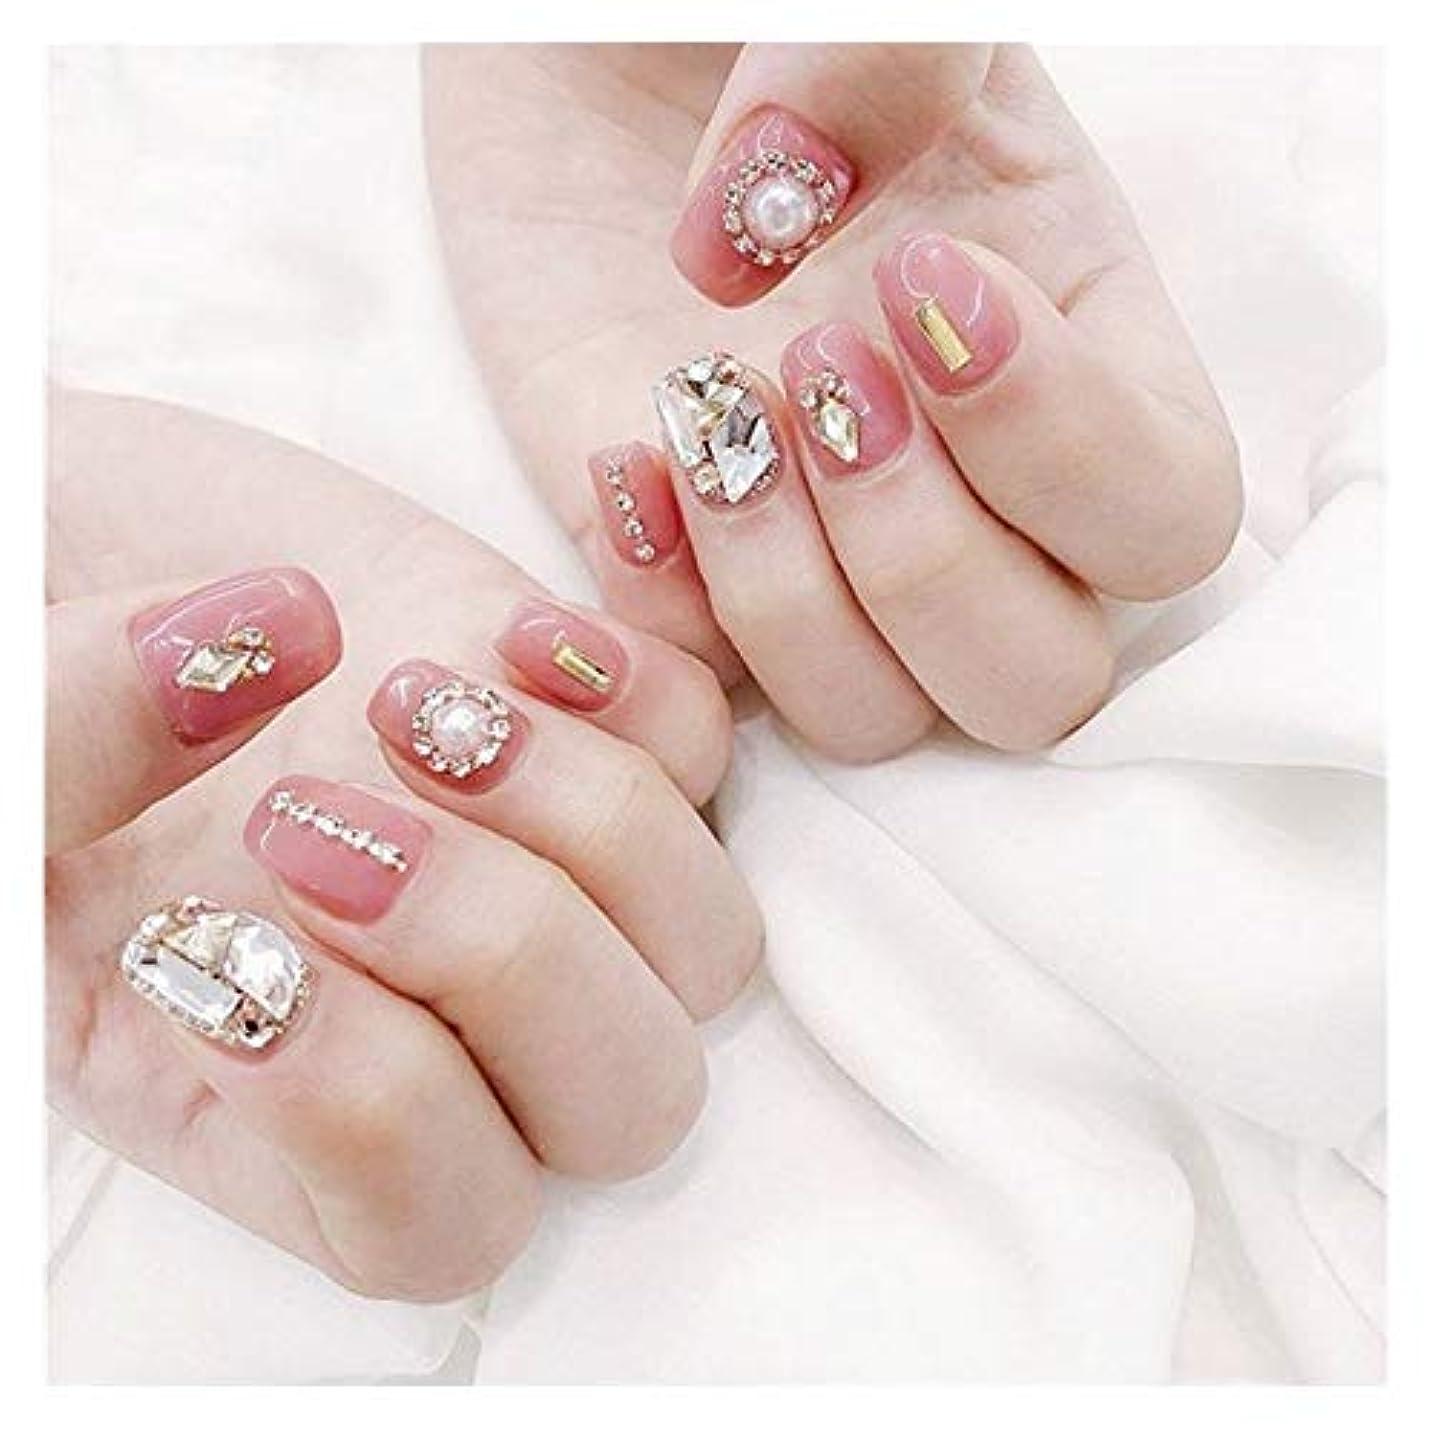 資格情報回想キッチンLVUITTON ダイヤモンドのり偽の爪ピンクのかわいい花嫁フォトスタジオ完成ネイル偽の釘 (色 : 24 pieces)